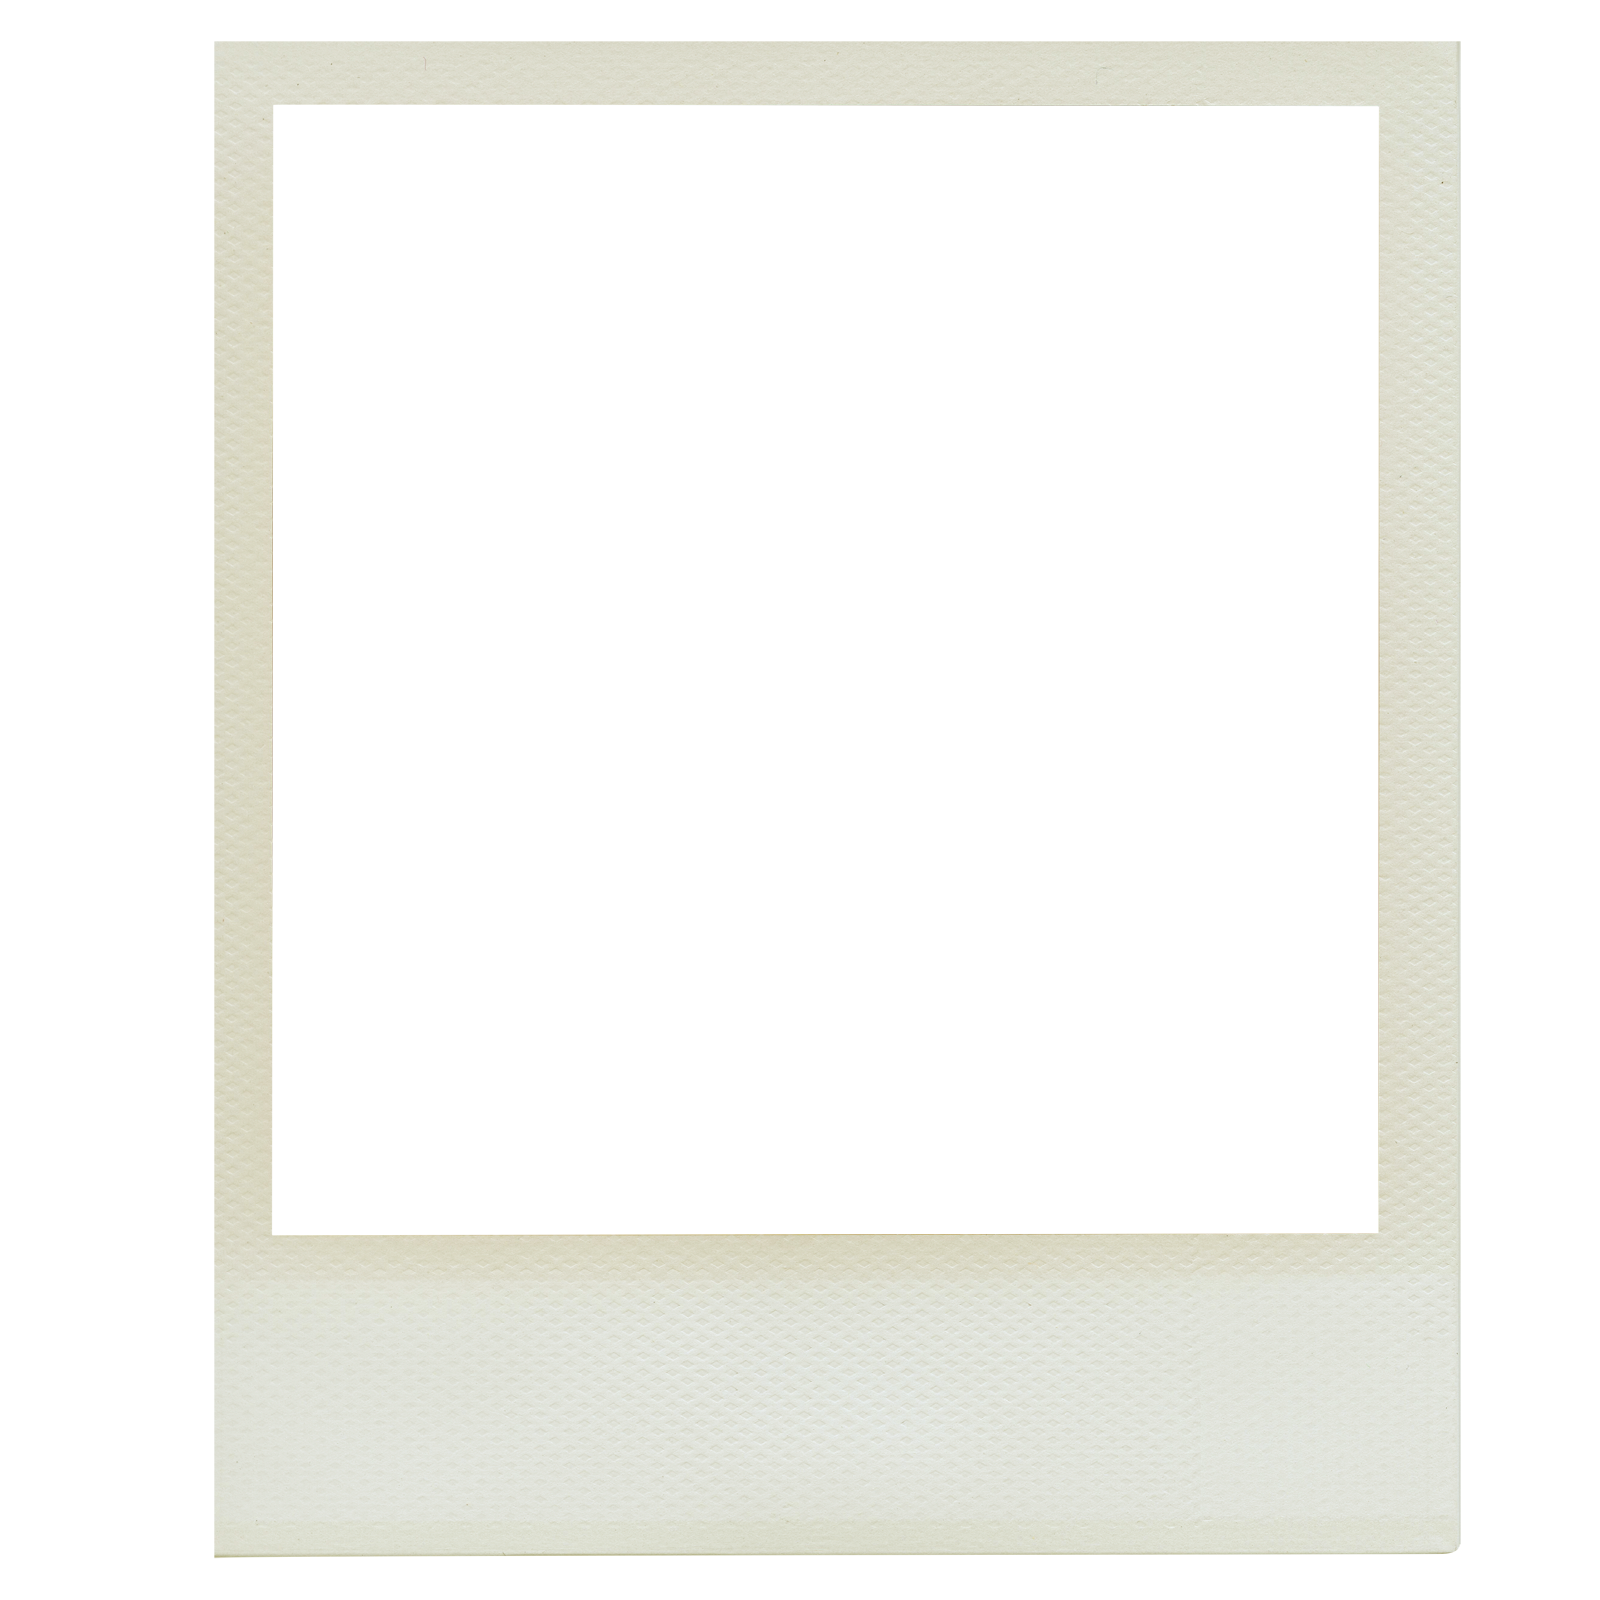 Фото с белой рамкой по краям